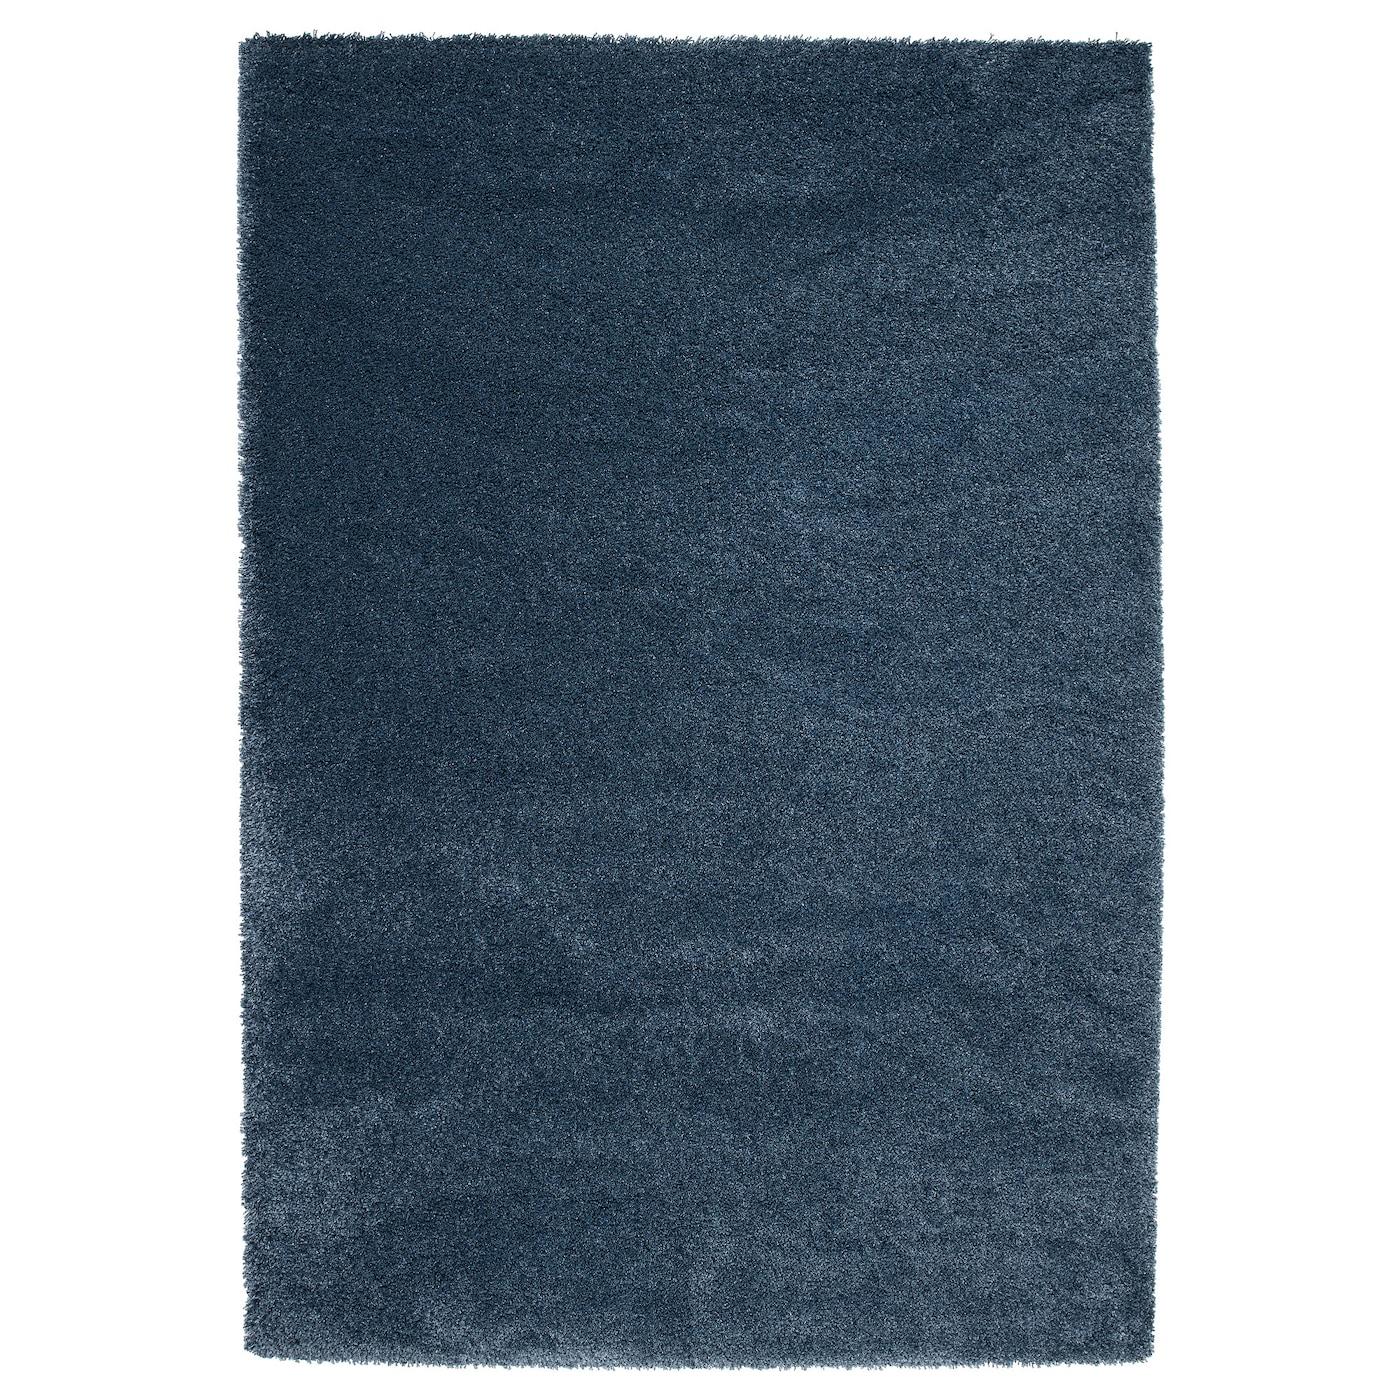 Dum tapis poils hauts bleu fonc 133 x 195 cm ikea - Tapis bleu ikea ...